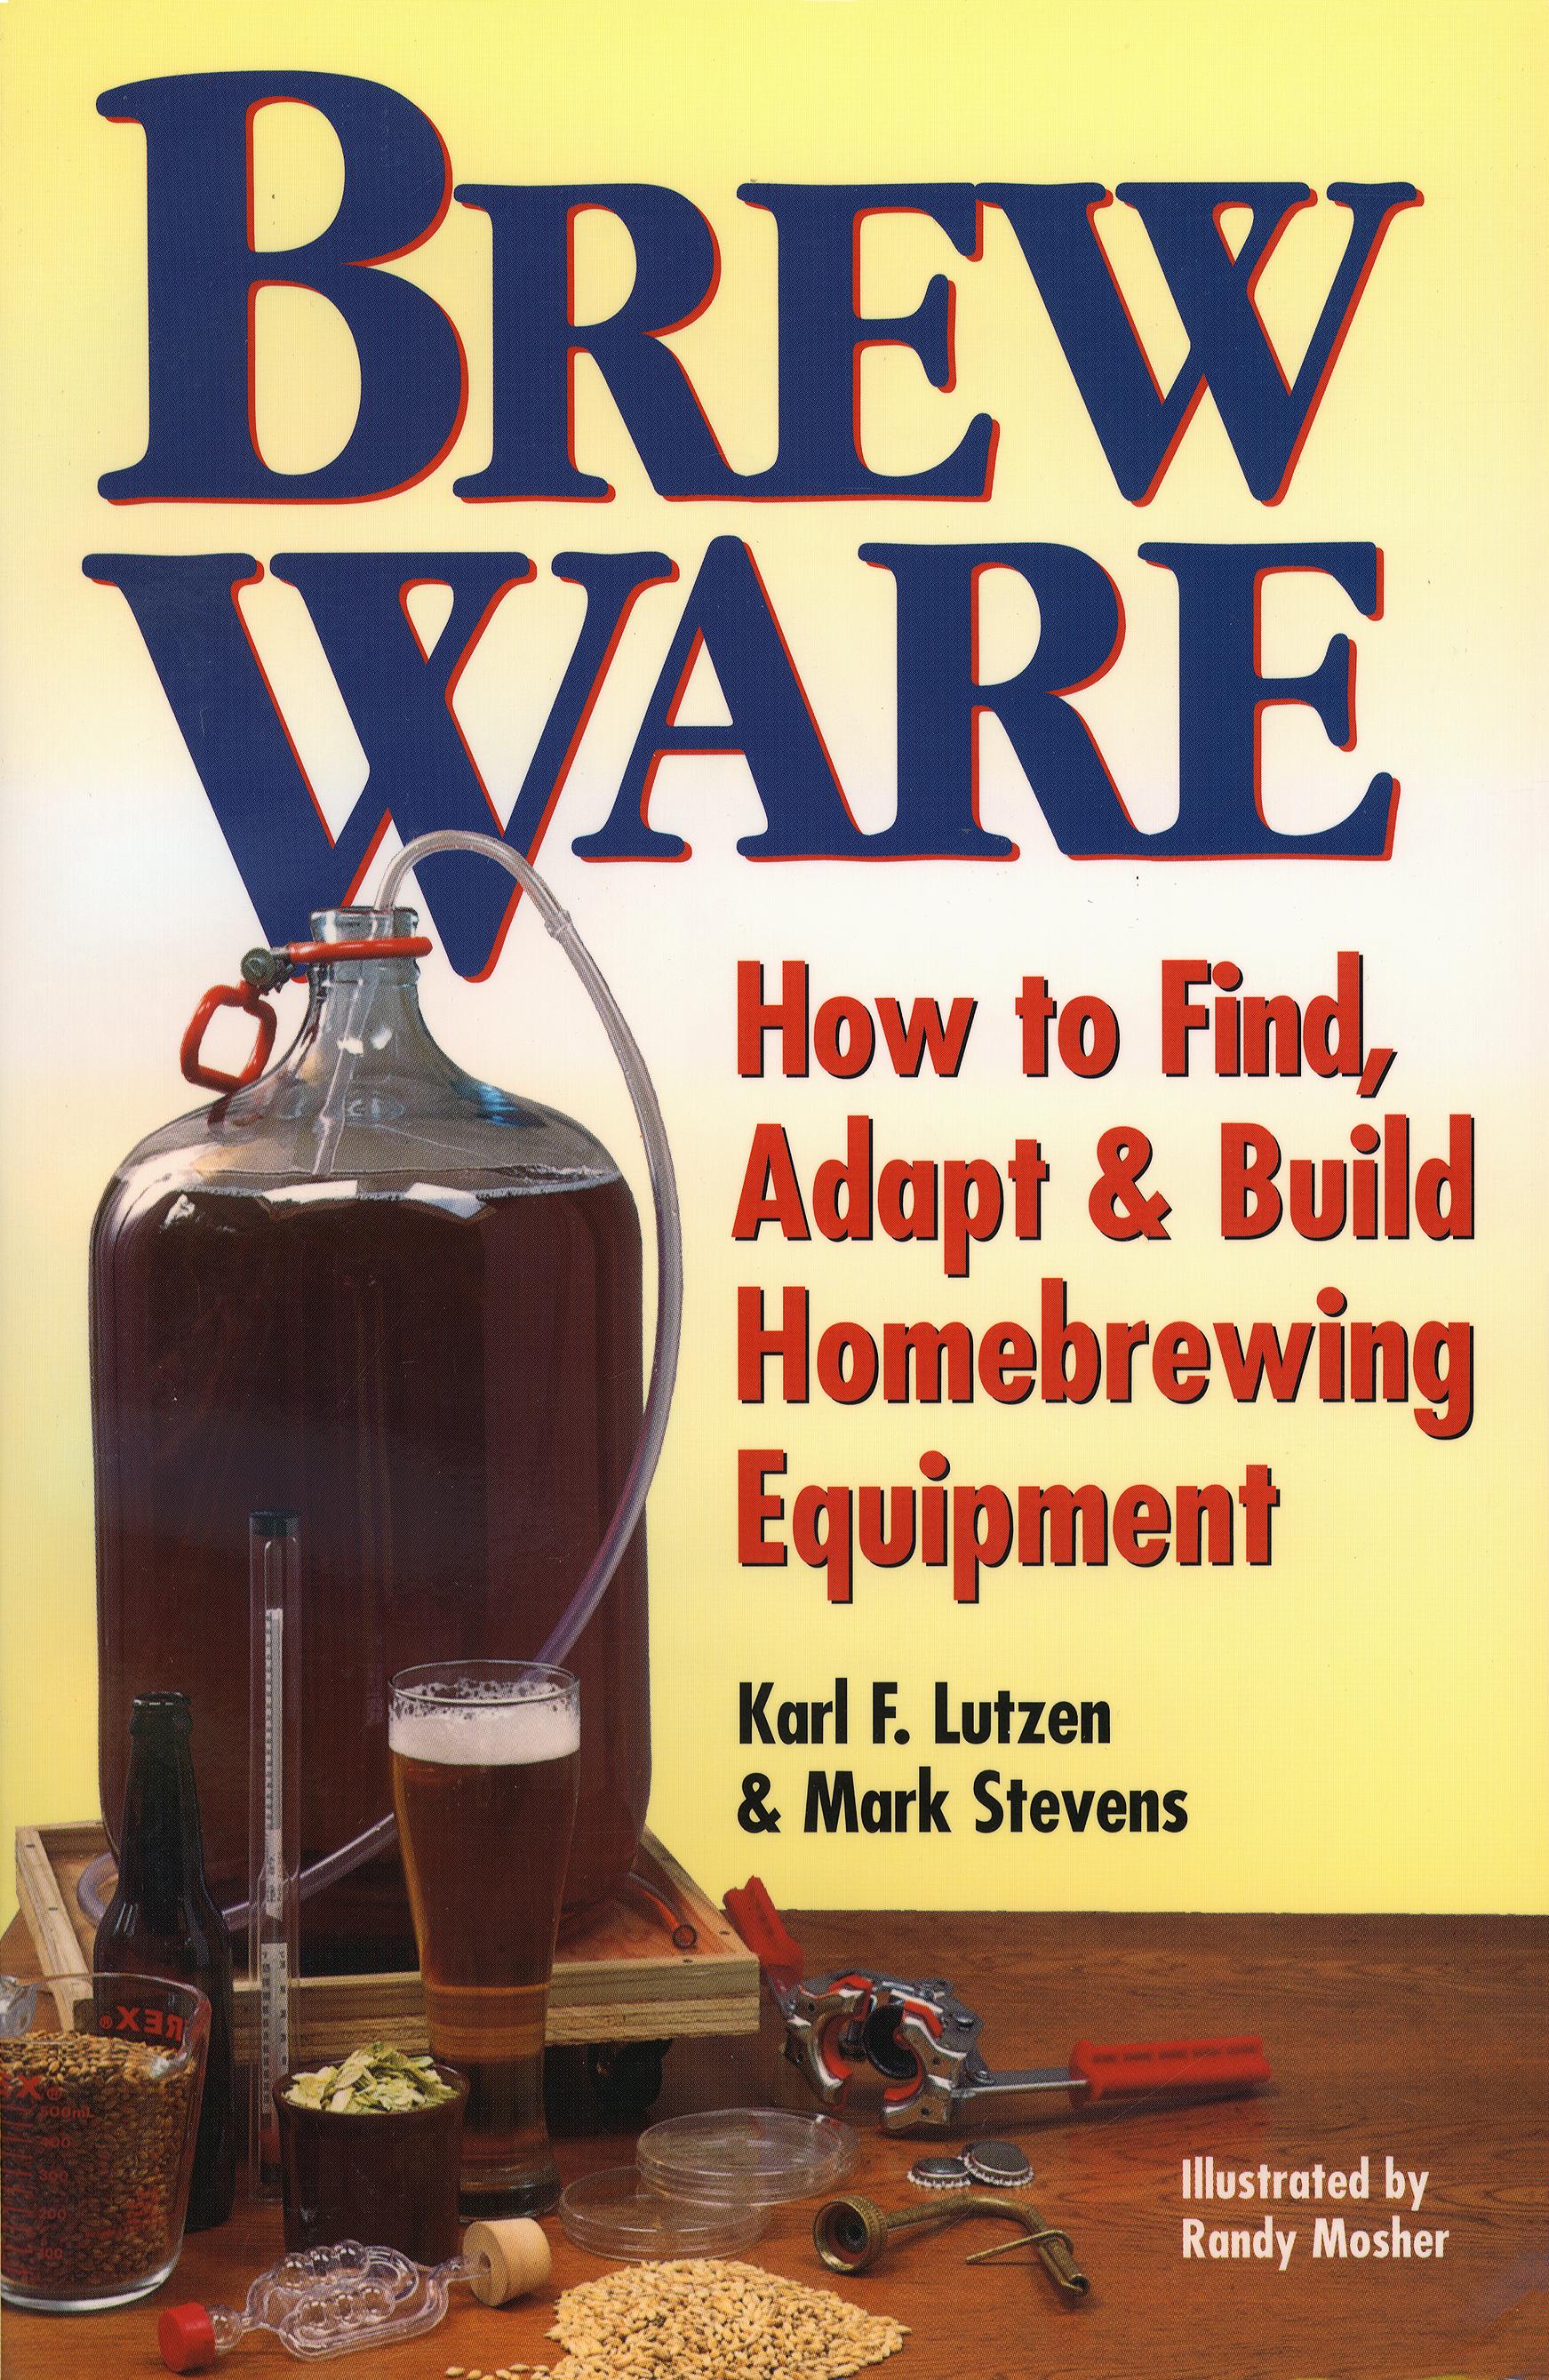 Brew Ware How to Find, Adapt & Build Homebrewing Equipment - Karl F. Lutzen